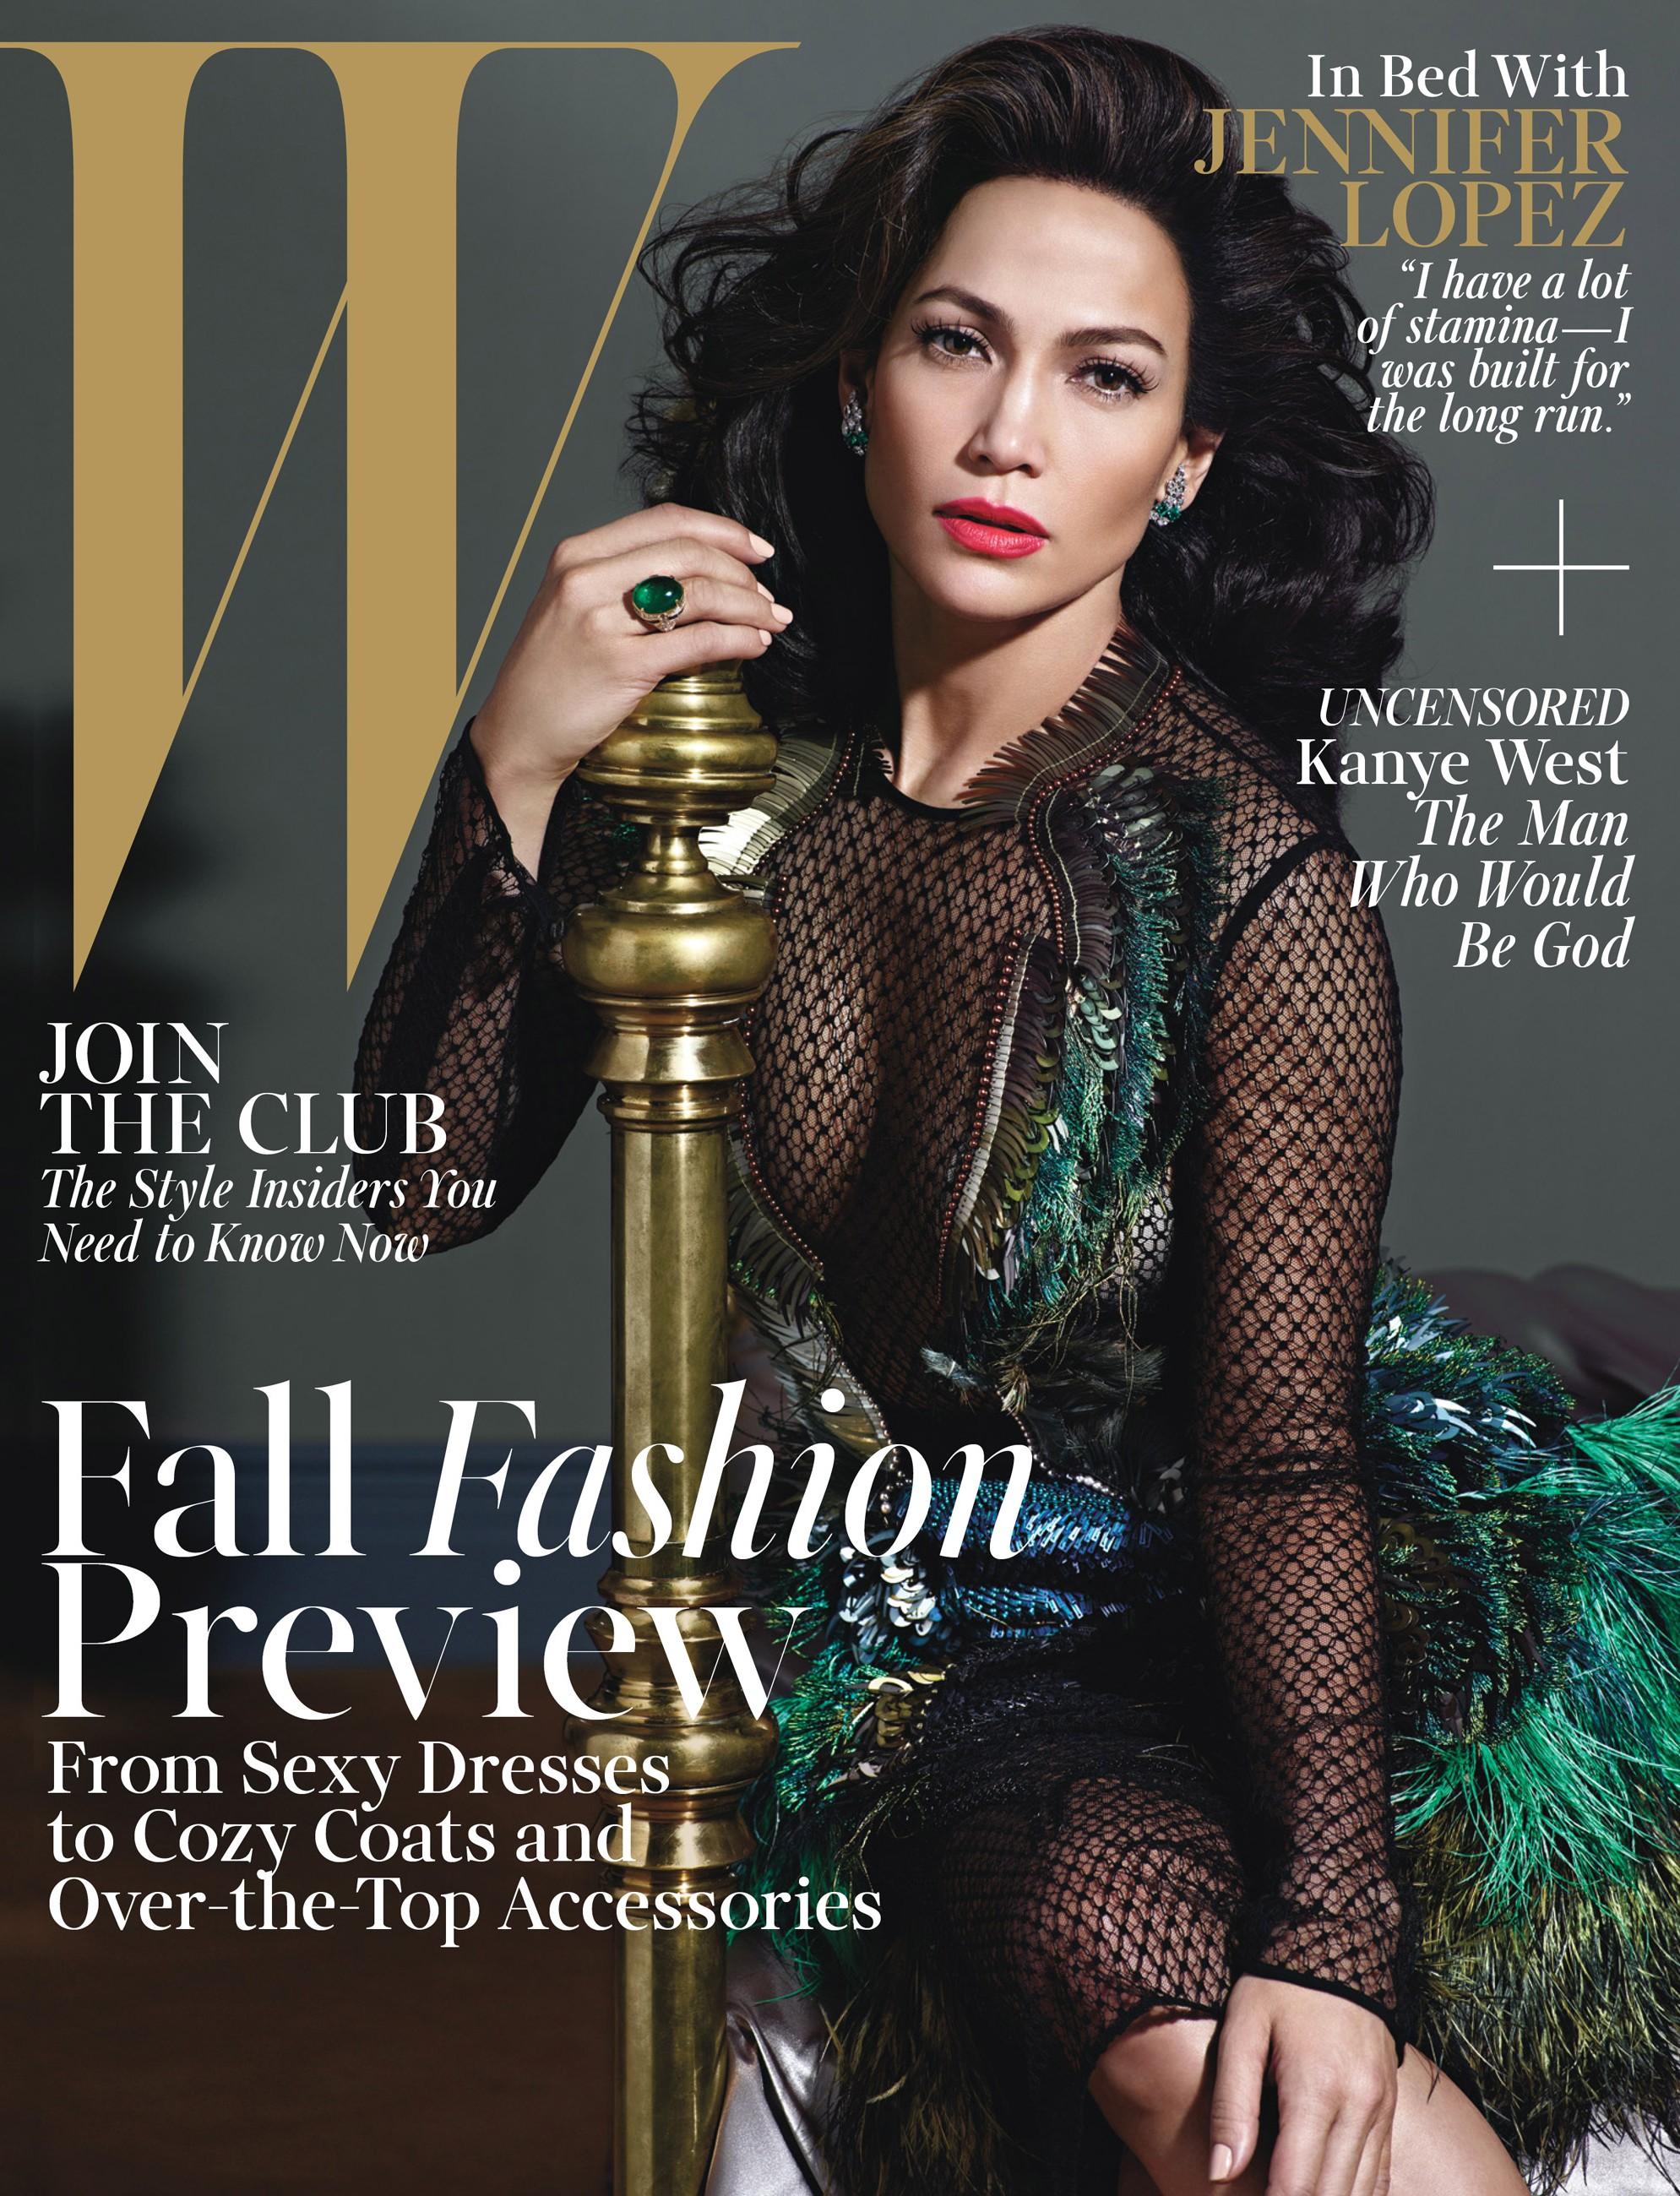 Дженнифер Лопес в платье Gucci на обложке августовского номера журнала W Magazine